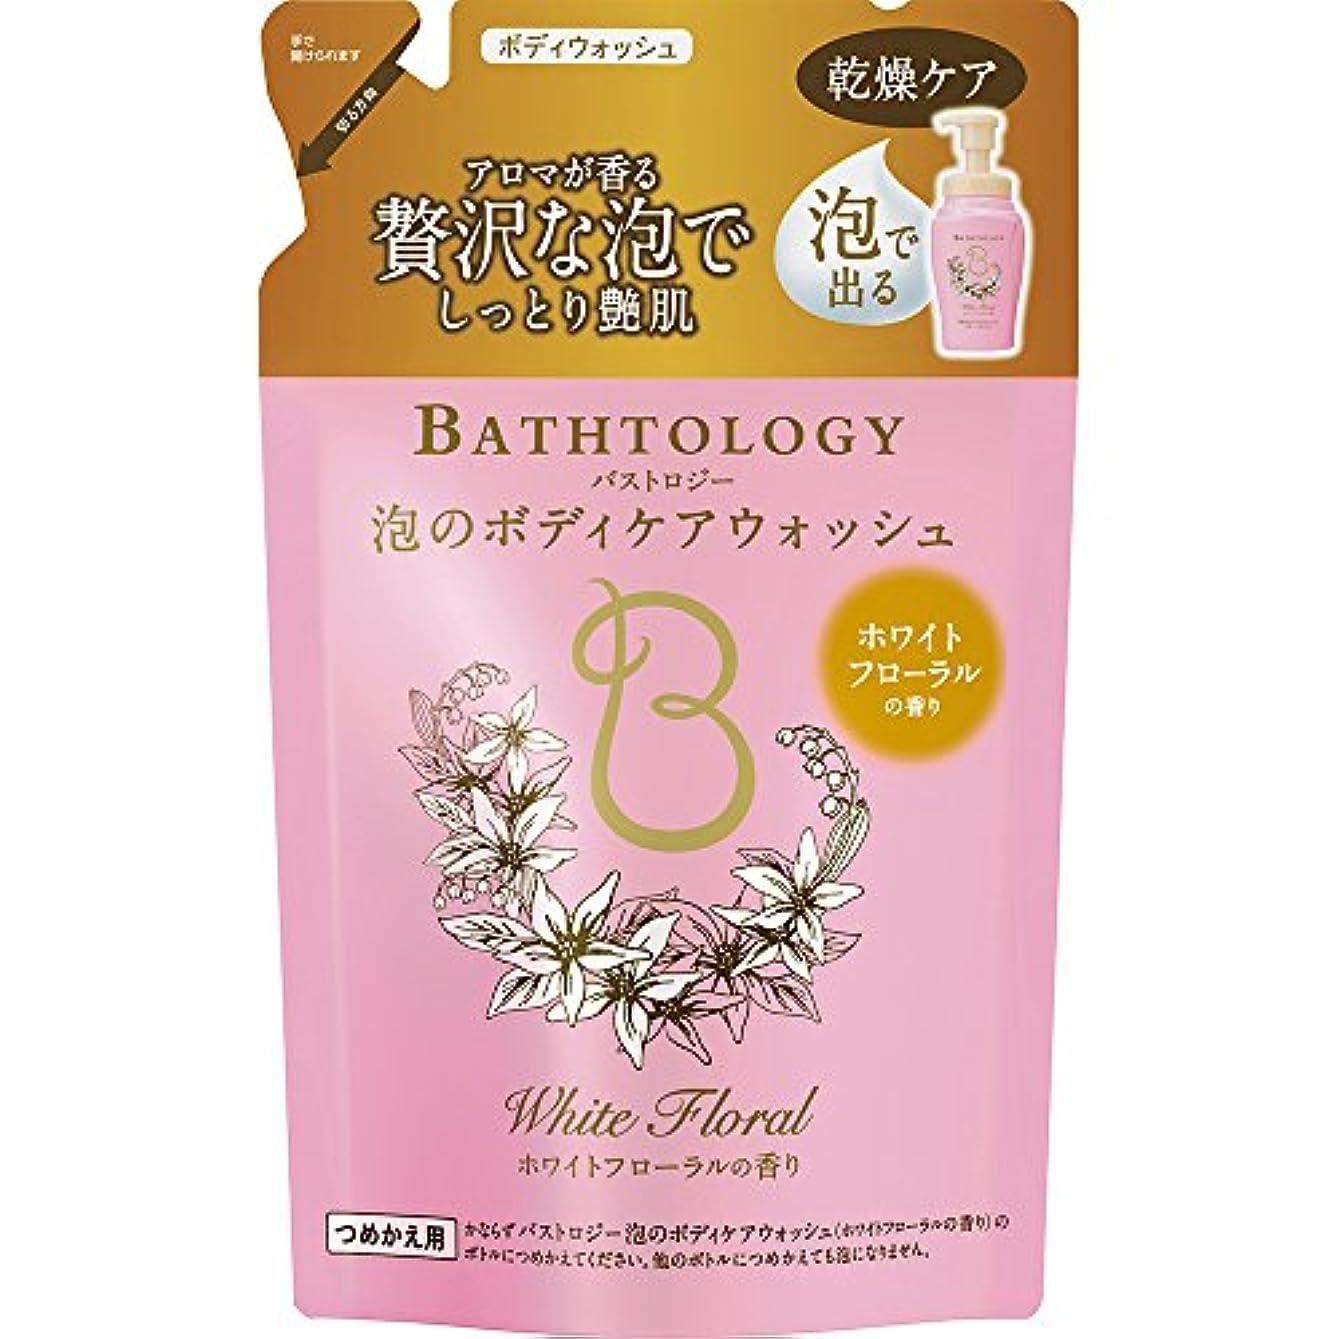 害虫部分的雪BATHTOLOGY 泡のボディケアウォッシュ ホワイトフローラルの香り 詰め替え 350ml